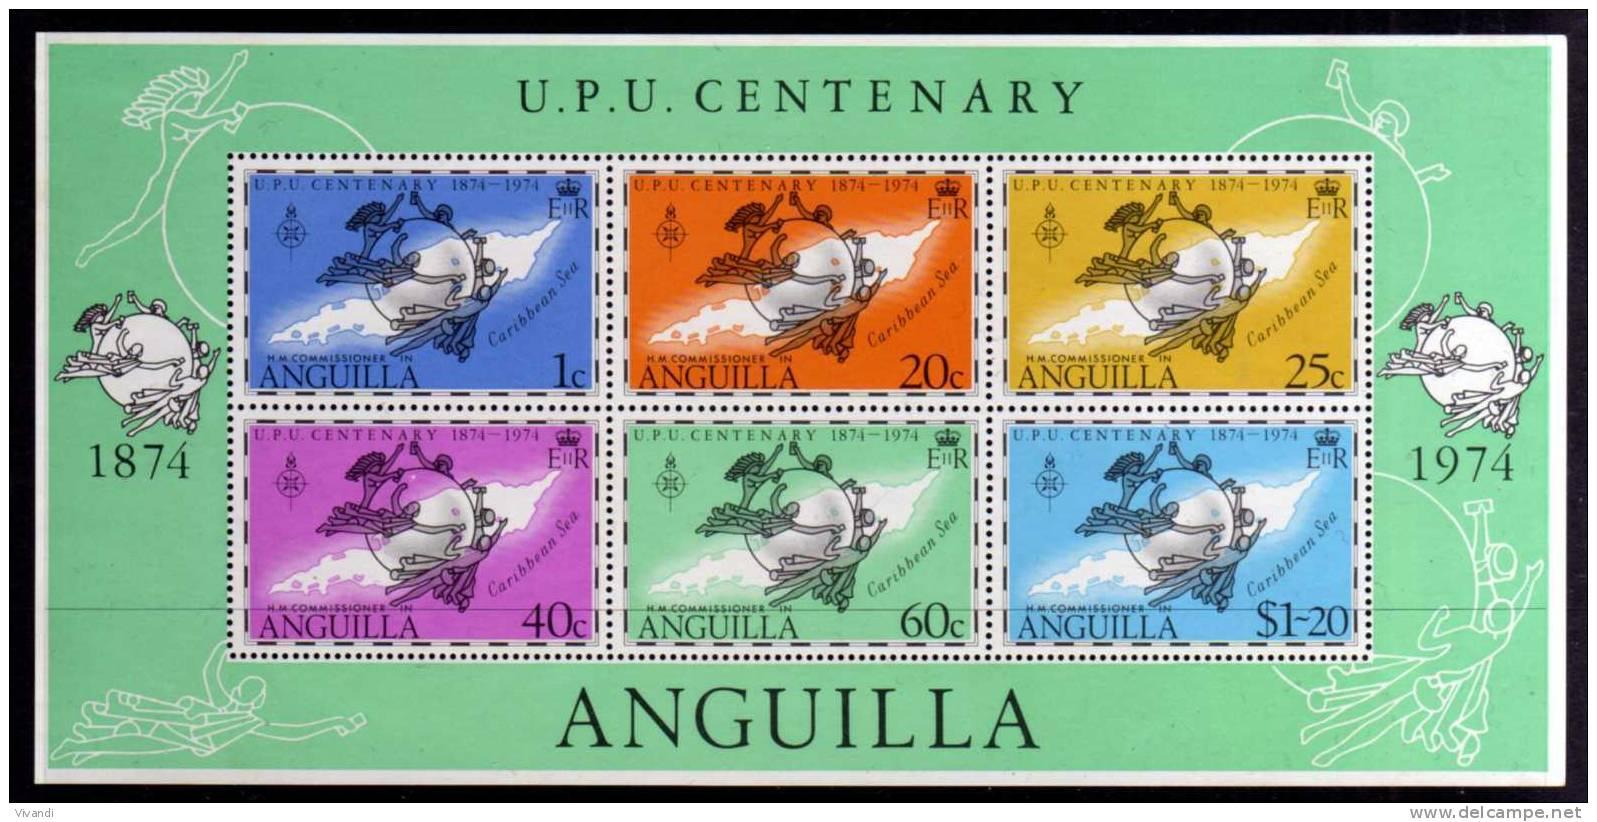 Anguilla - 1974 - UPU Centenary Miniature Sheet - MNH - Anguilla (1968-...)